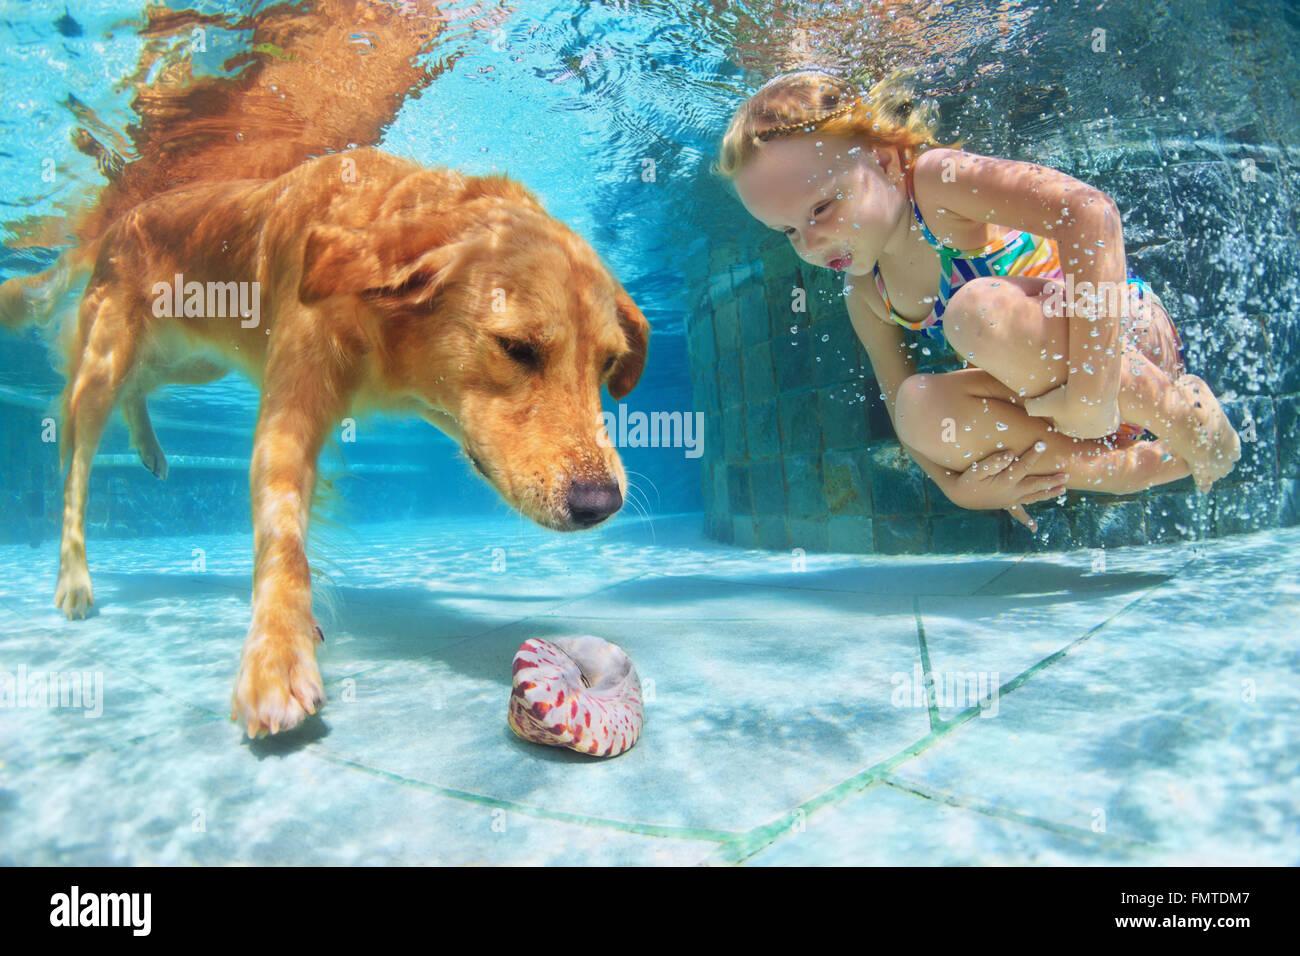 Juego de niños con la diversión y el tren Golden Labrador retriever cachorro de piscina - saltar y zambullirse Imagen De Stock